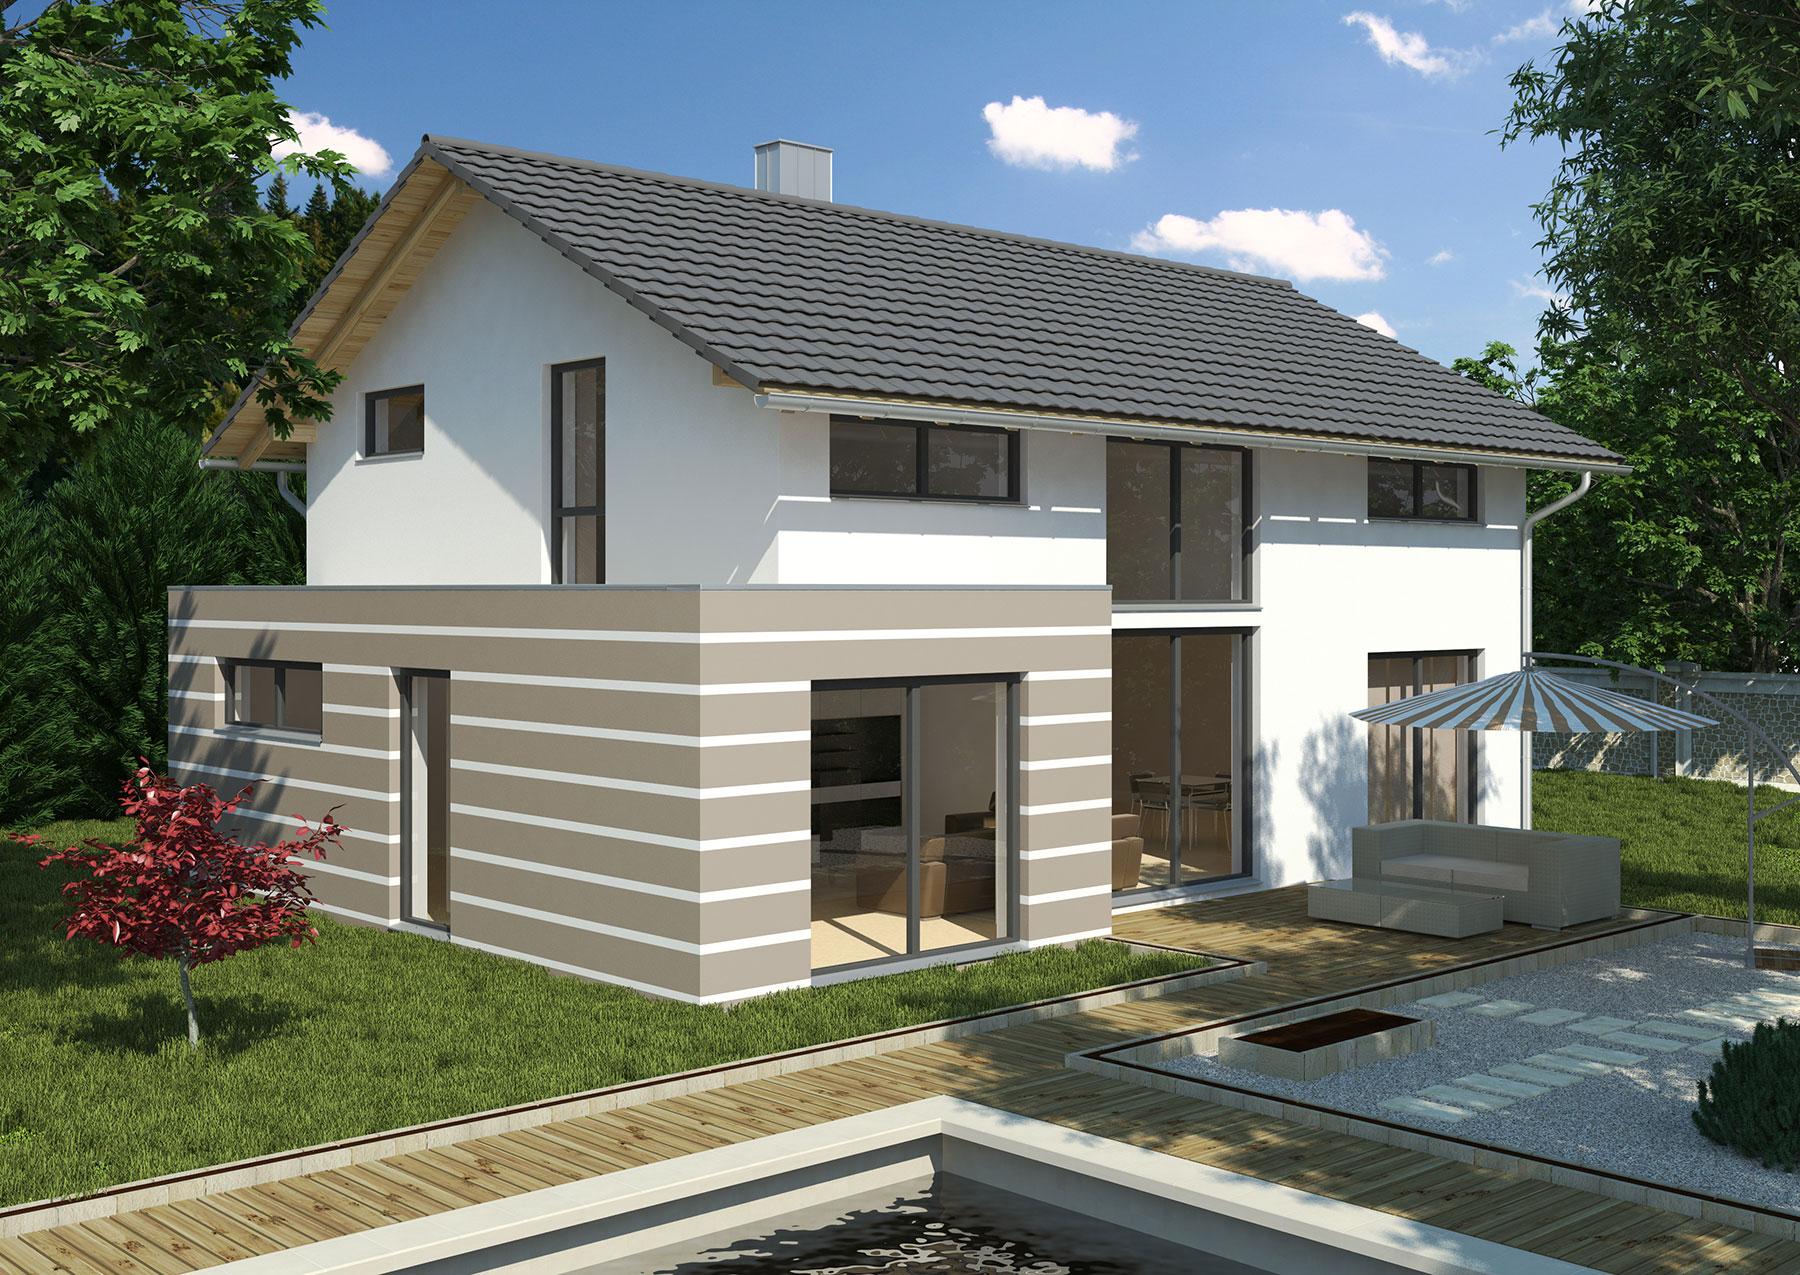 Hausidee solaris select massivhaus gmbh for Massivhaus modern